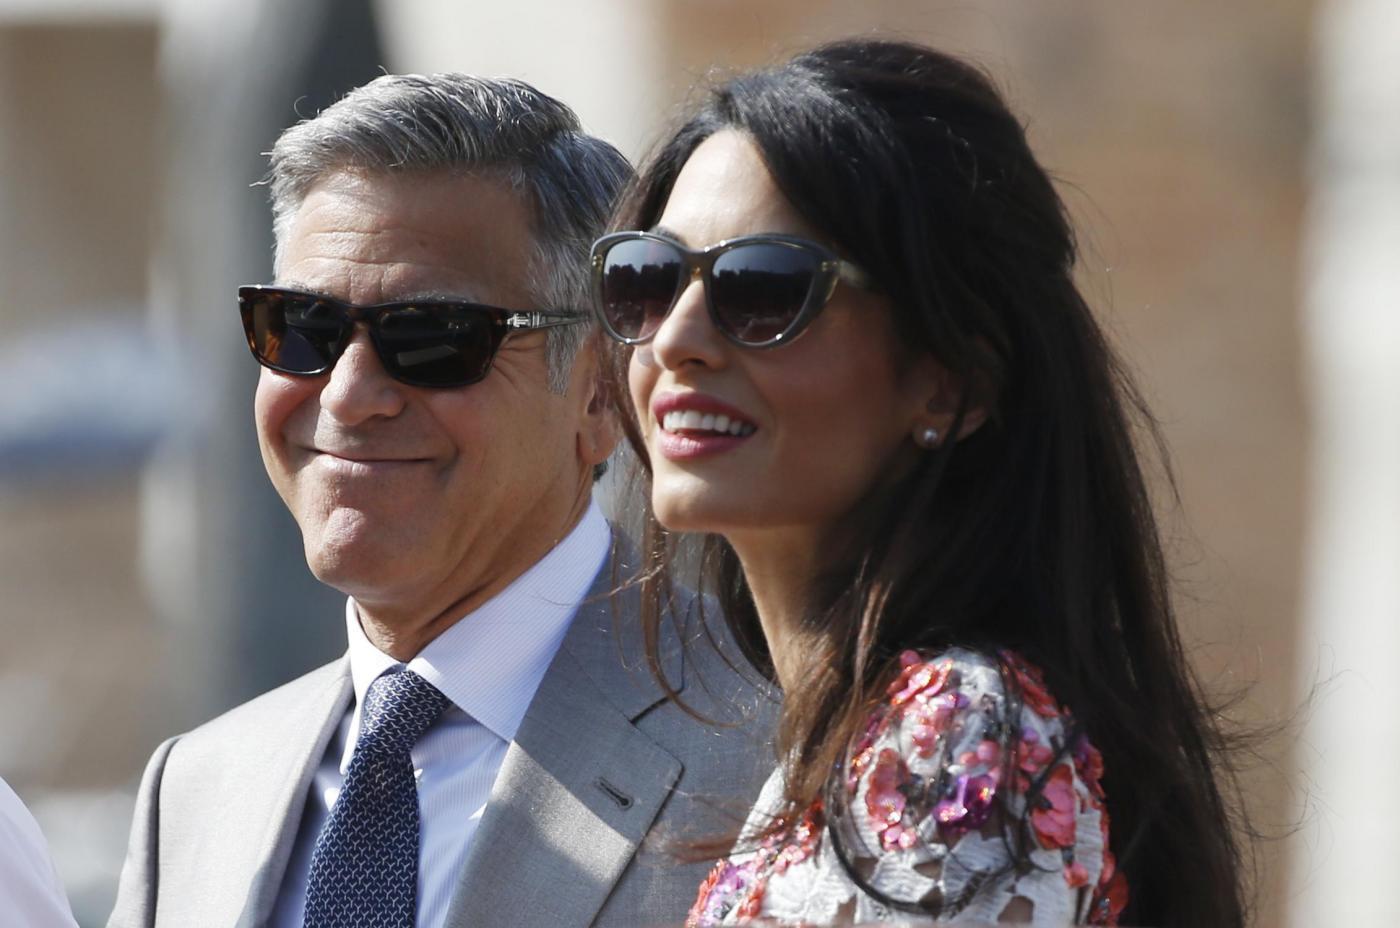 George Clooney e Amal Alamuddin sposi: la prima uscita pubblica dopo le nozze